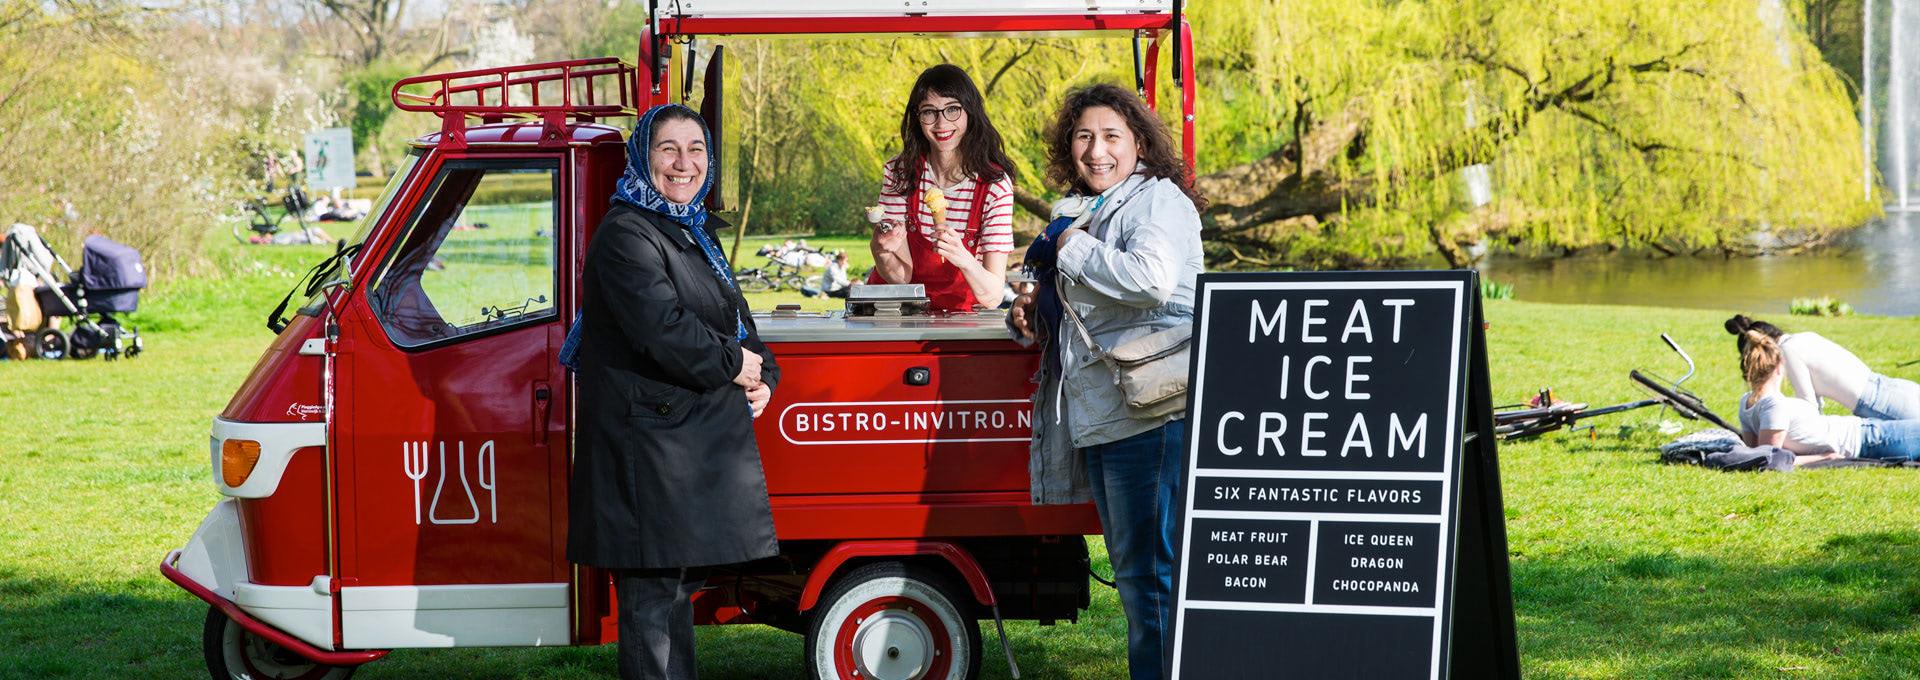 Bistro In Vito Ice Cream Cart